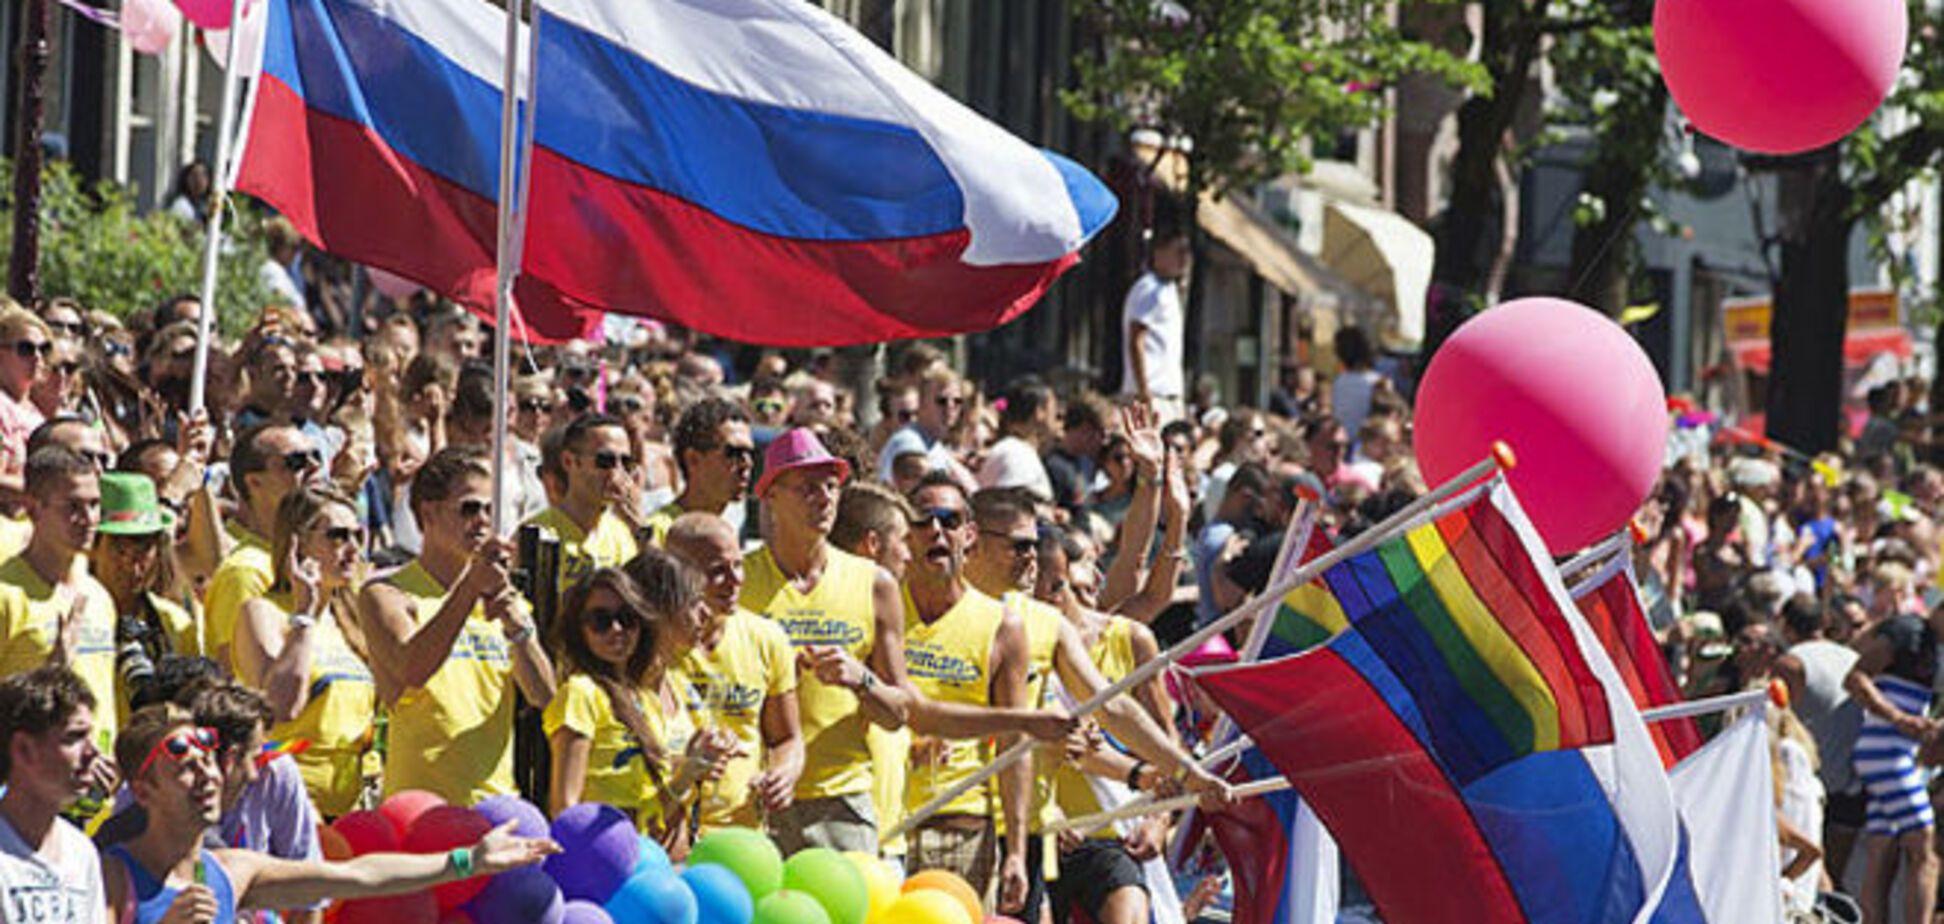 Геи в Архангельске хотят провести свой парад в День ВДВ